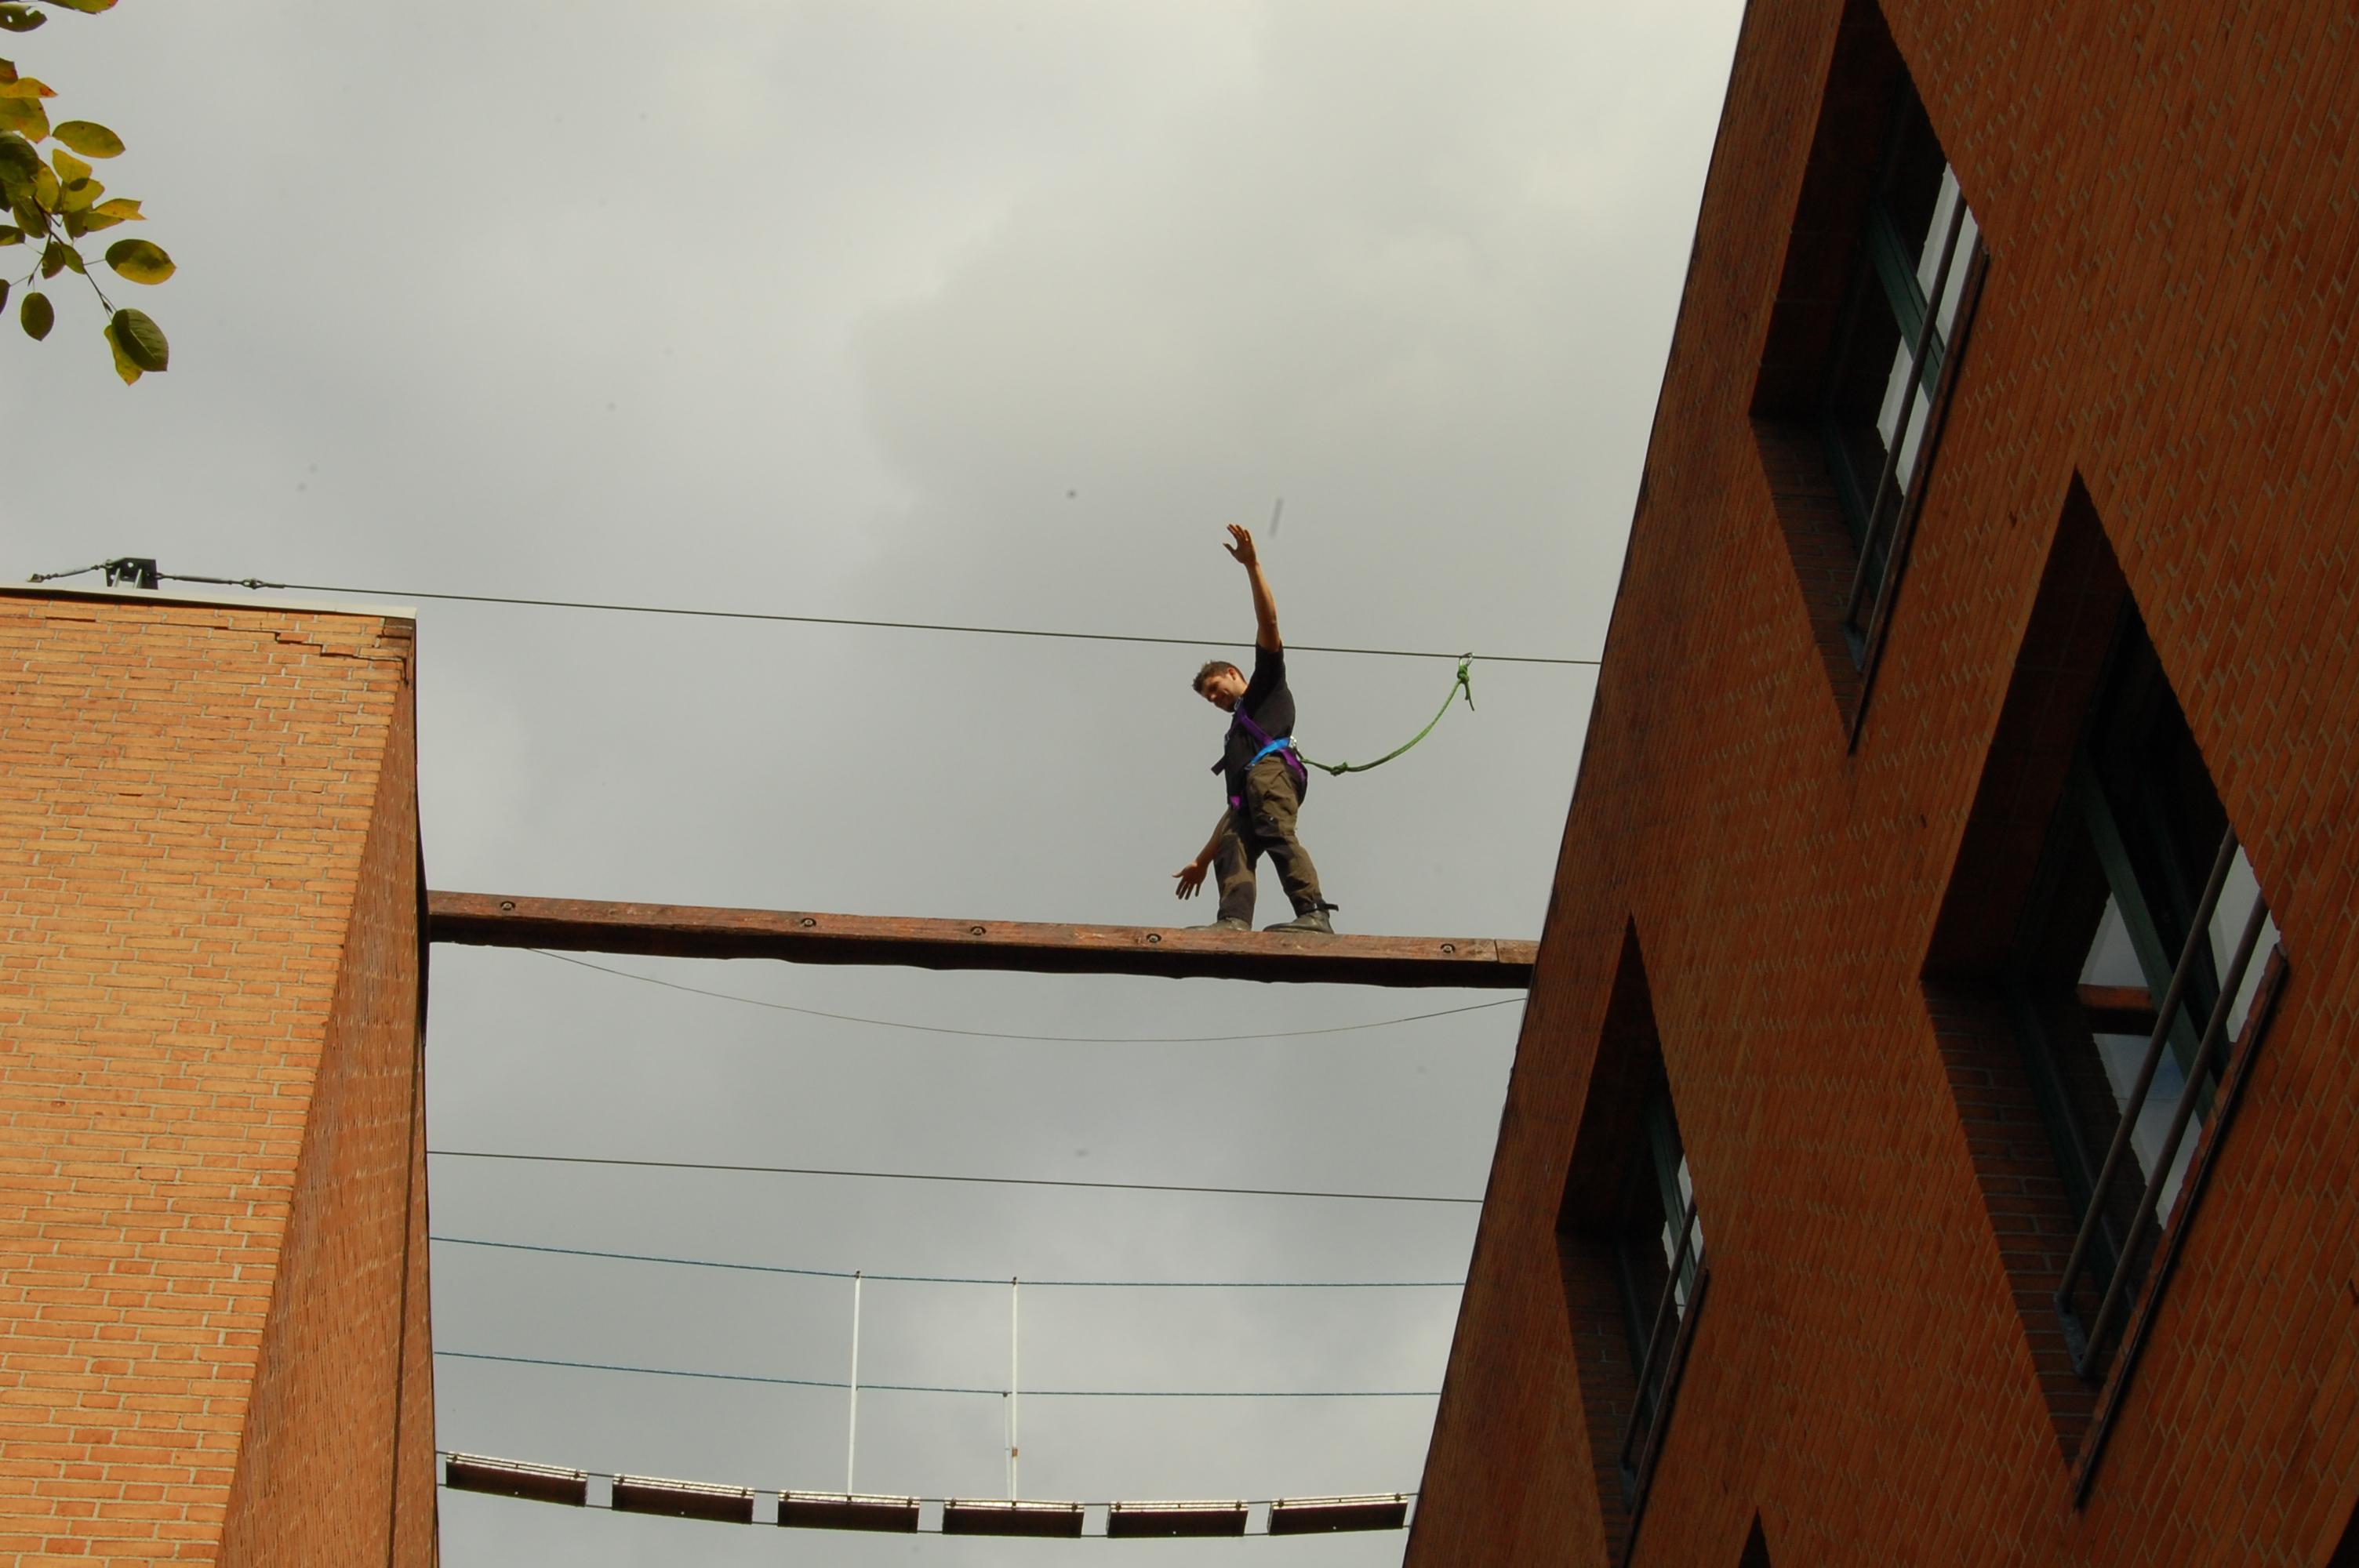 Balancebom på Eventcenter Odense